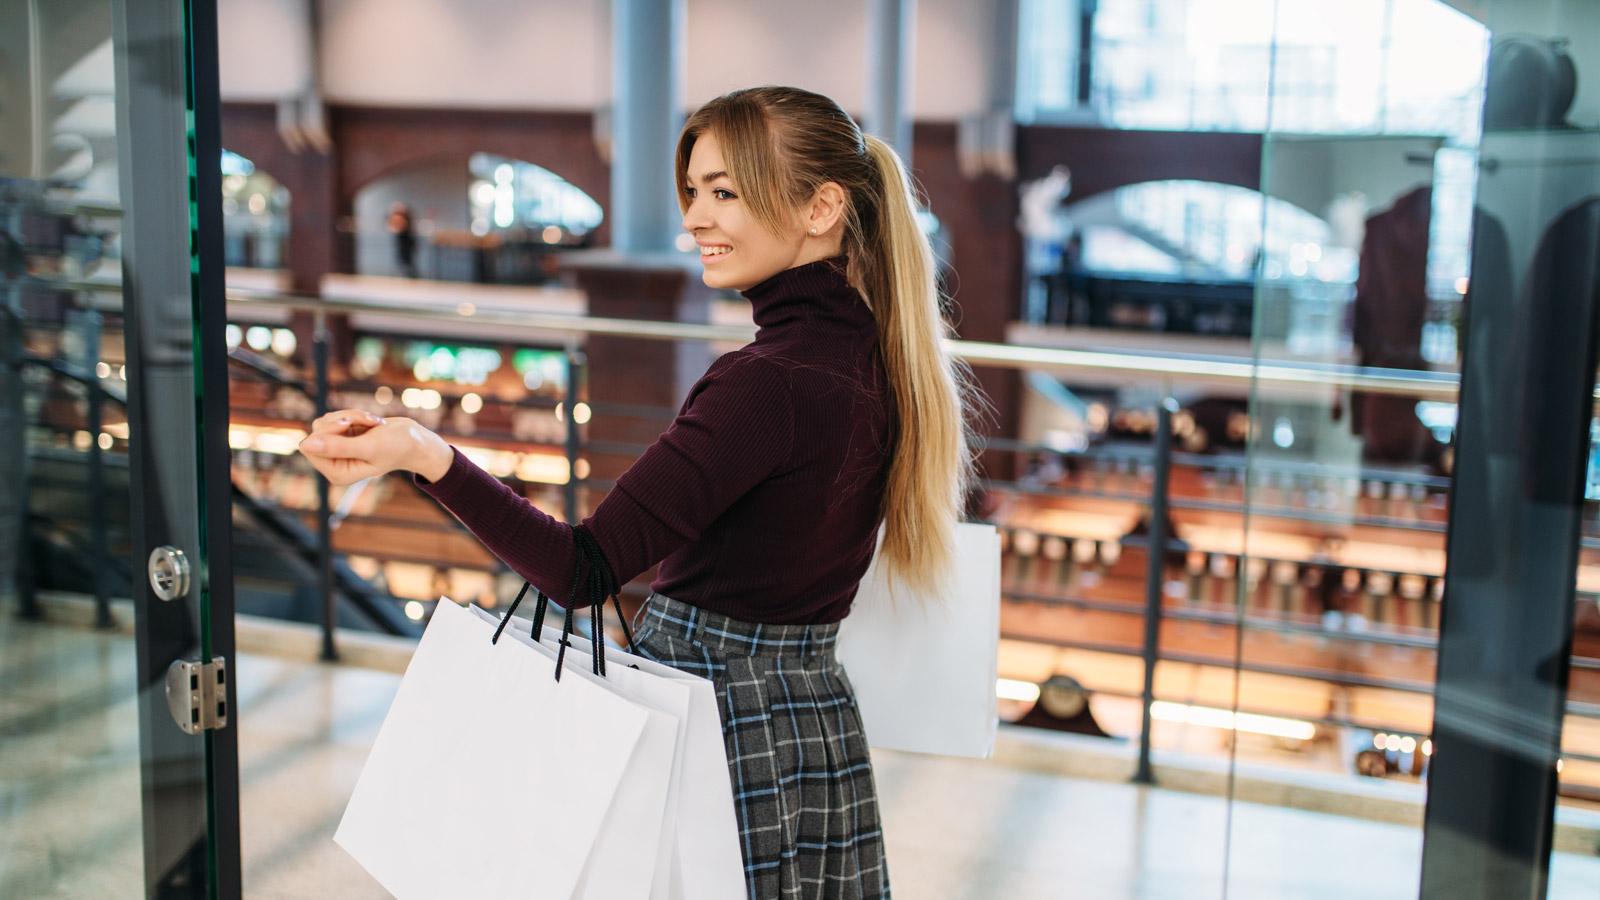 CBRE: Dlaczego Polacy odwiedzają centra handlowe? [RAPORT] Magdalena Frątczak mediarun mloda kobieta centrum handlowe zakupy 2019